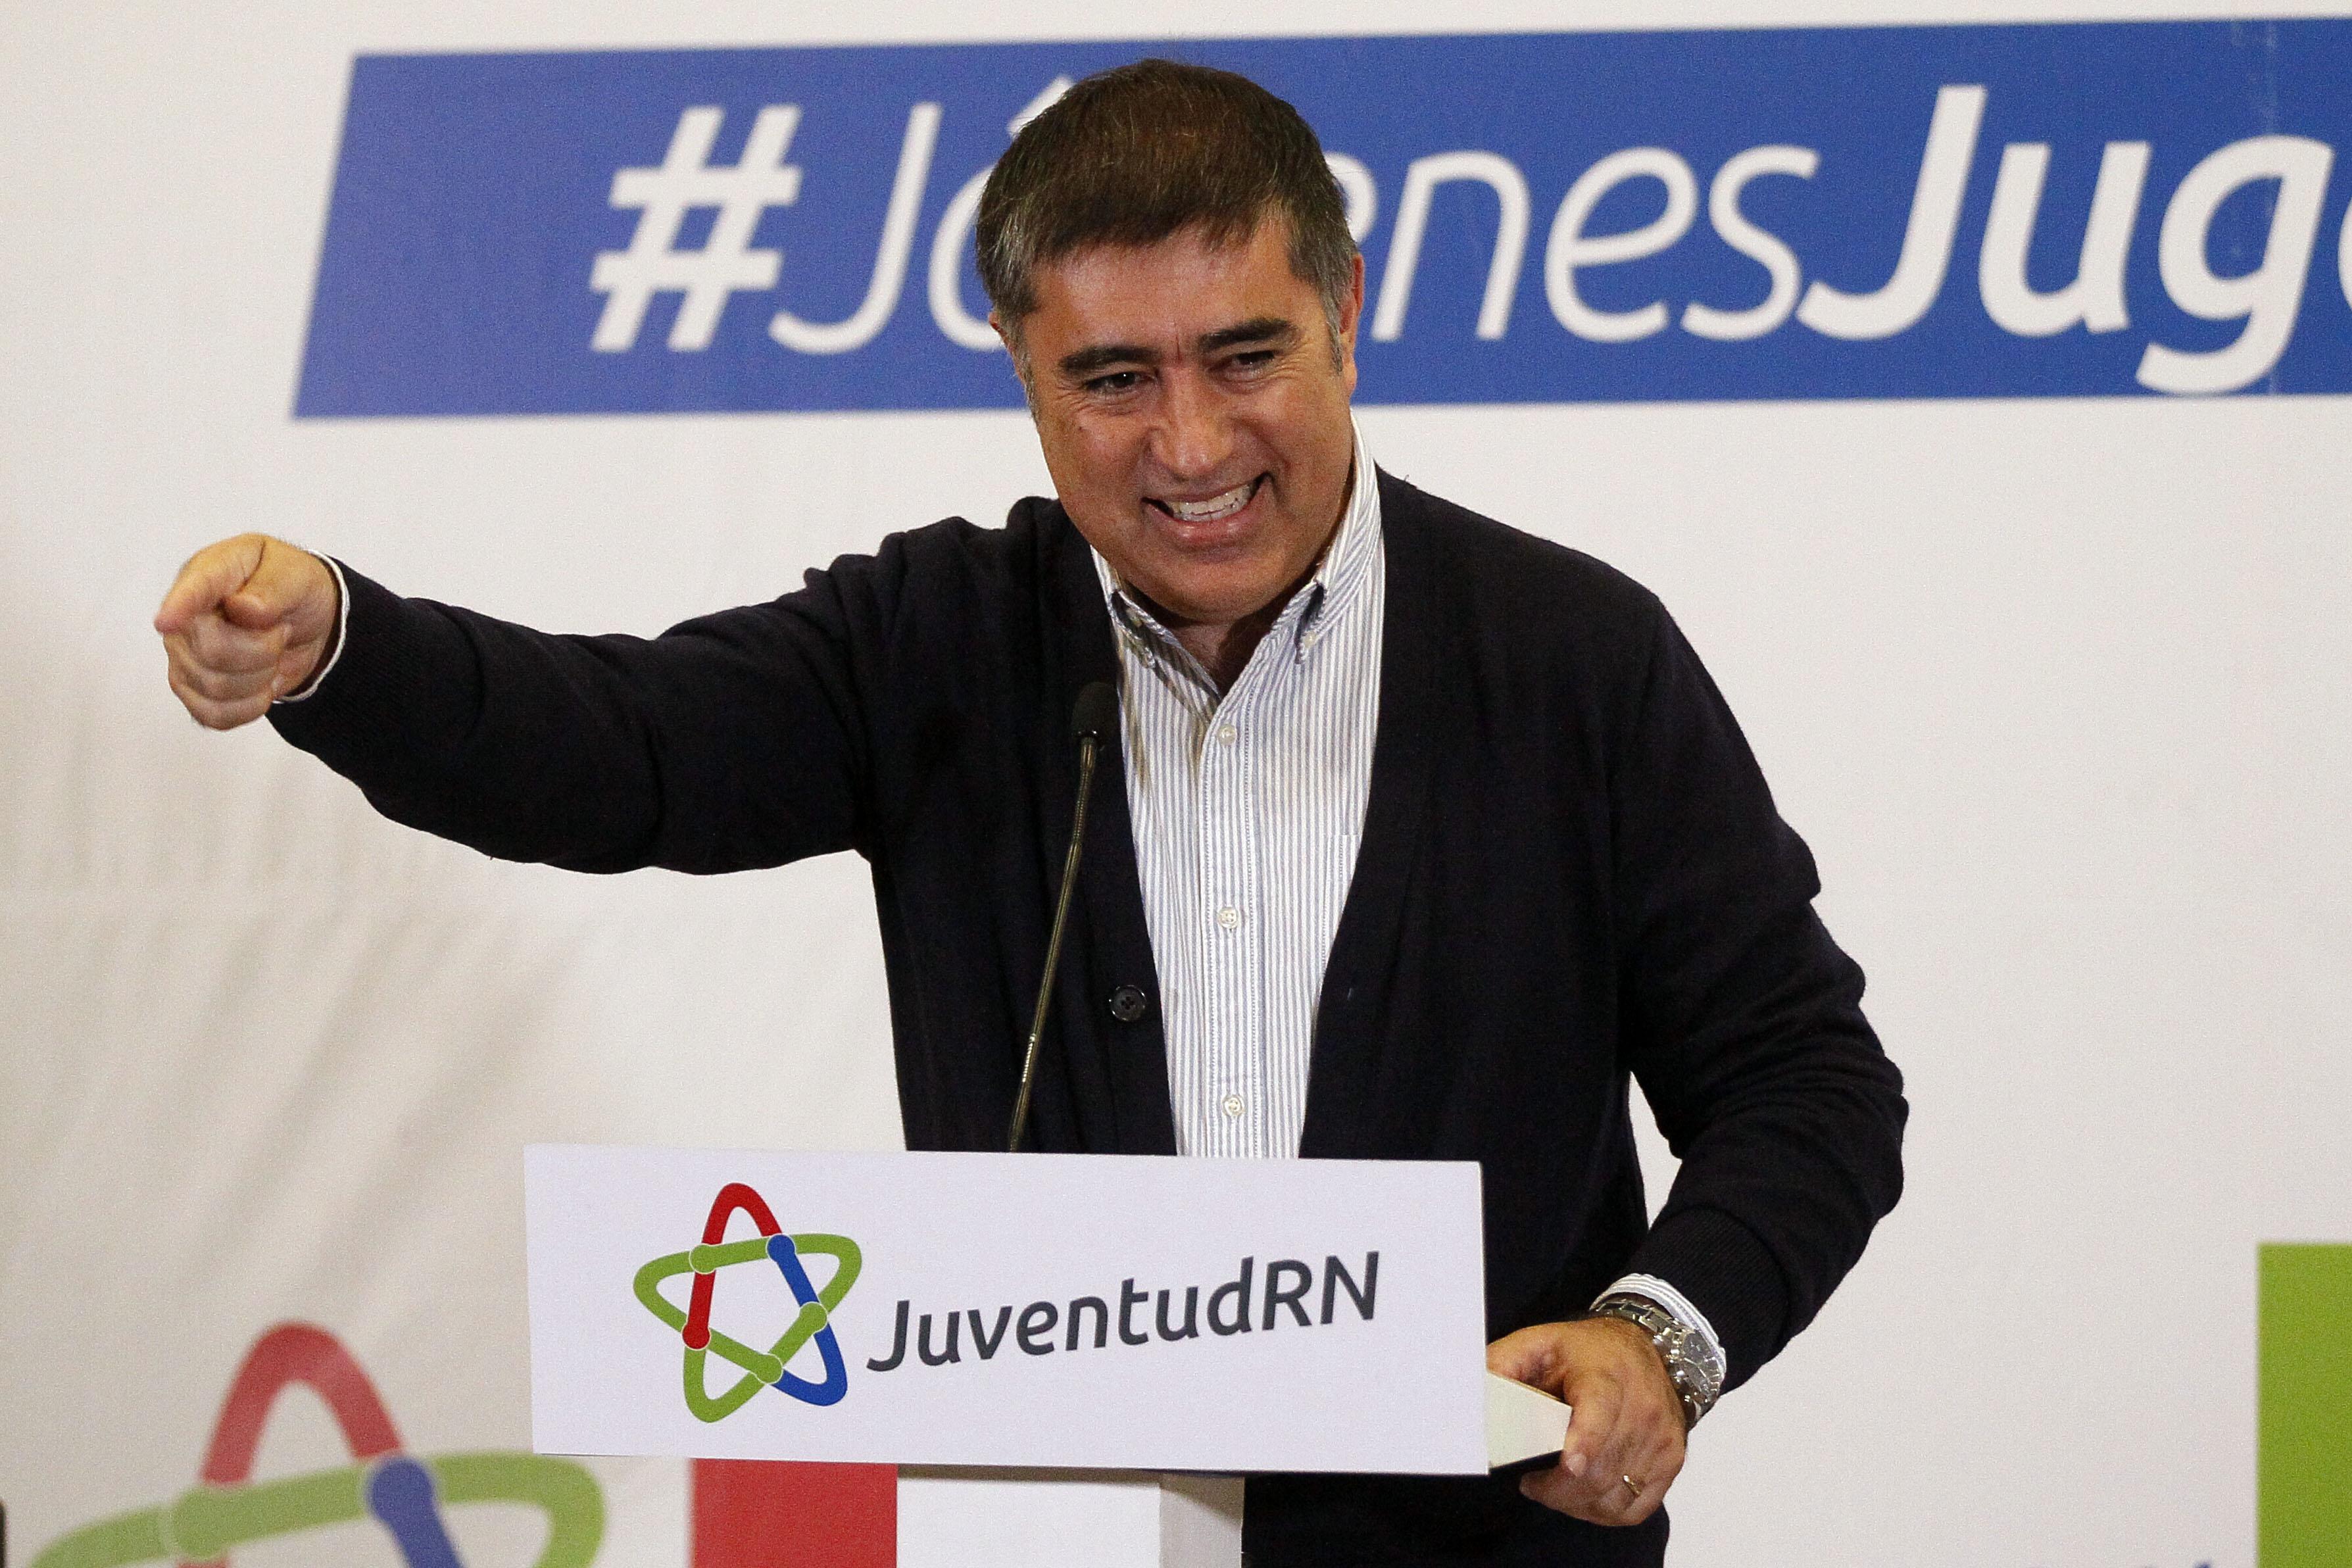 """Manuel Guerrero apunta al """"doble estándar"""" de RN con comparación de Hitler y el Holocausto"""